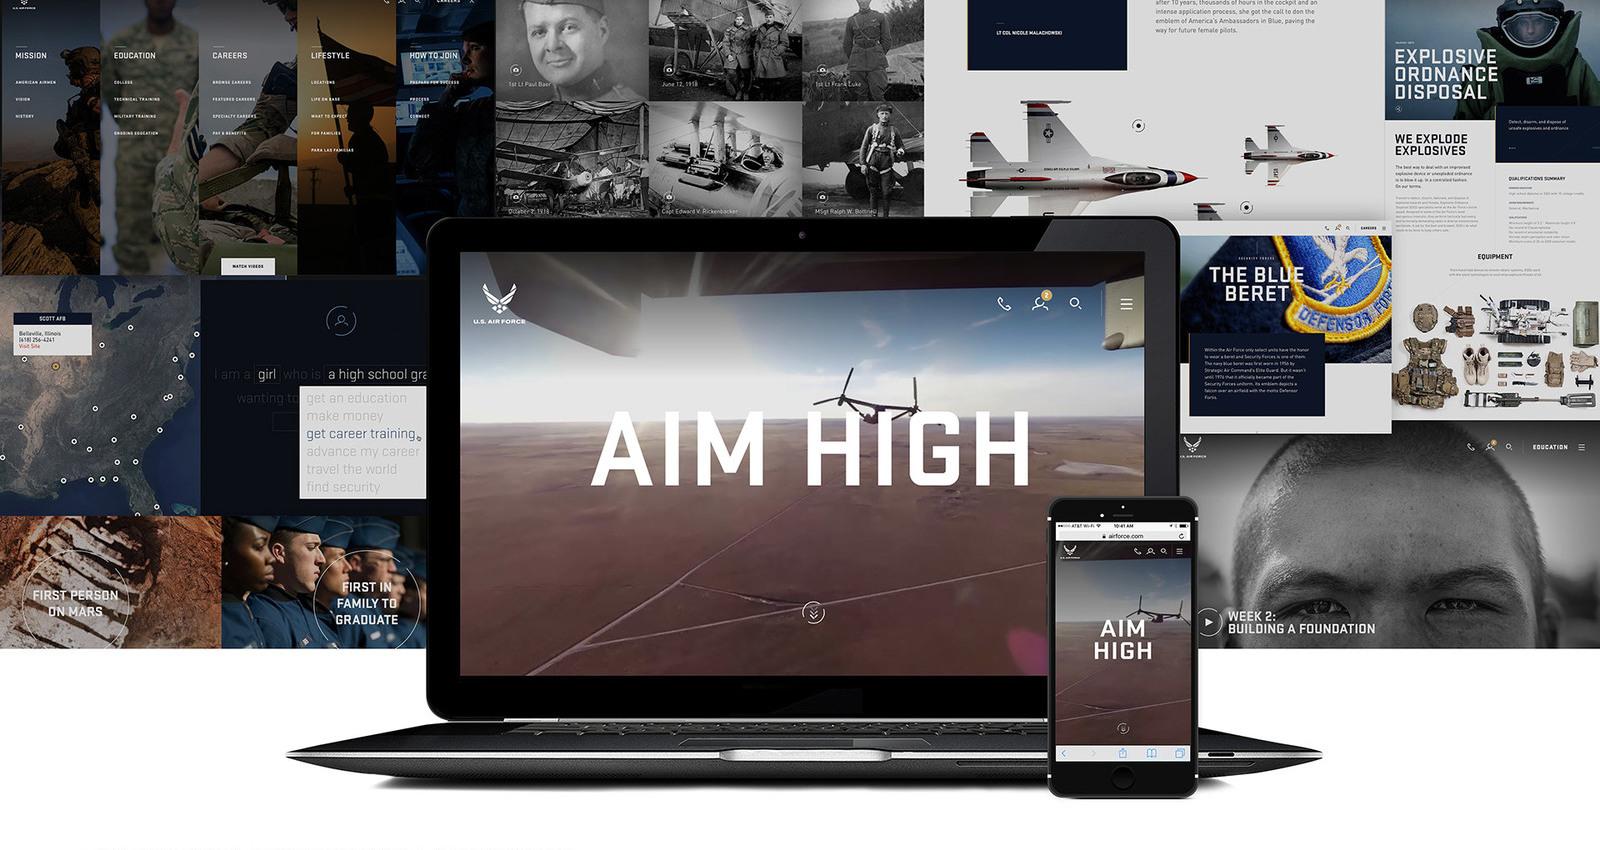 airforce.com